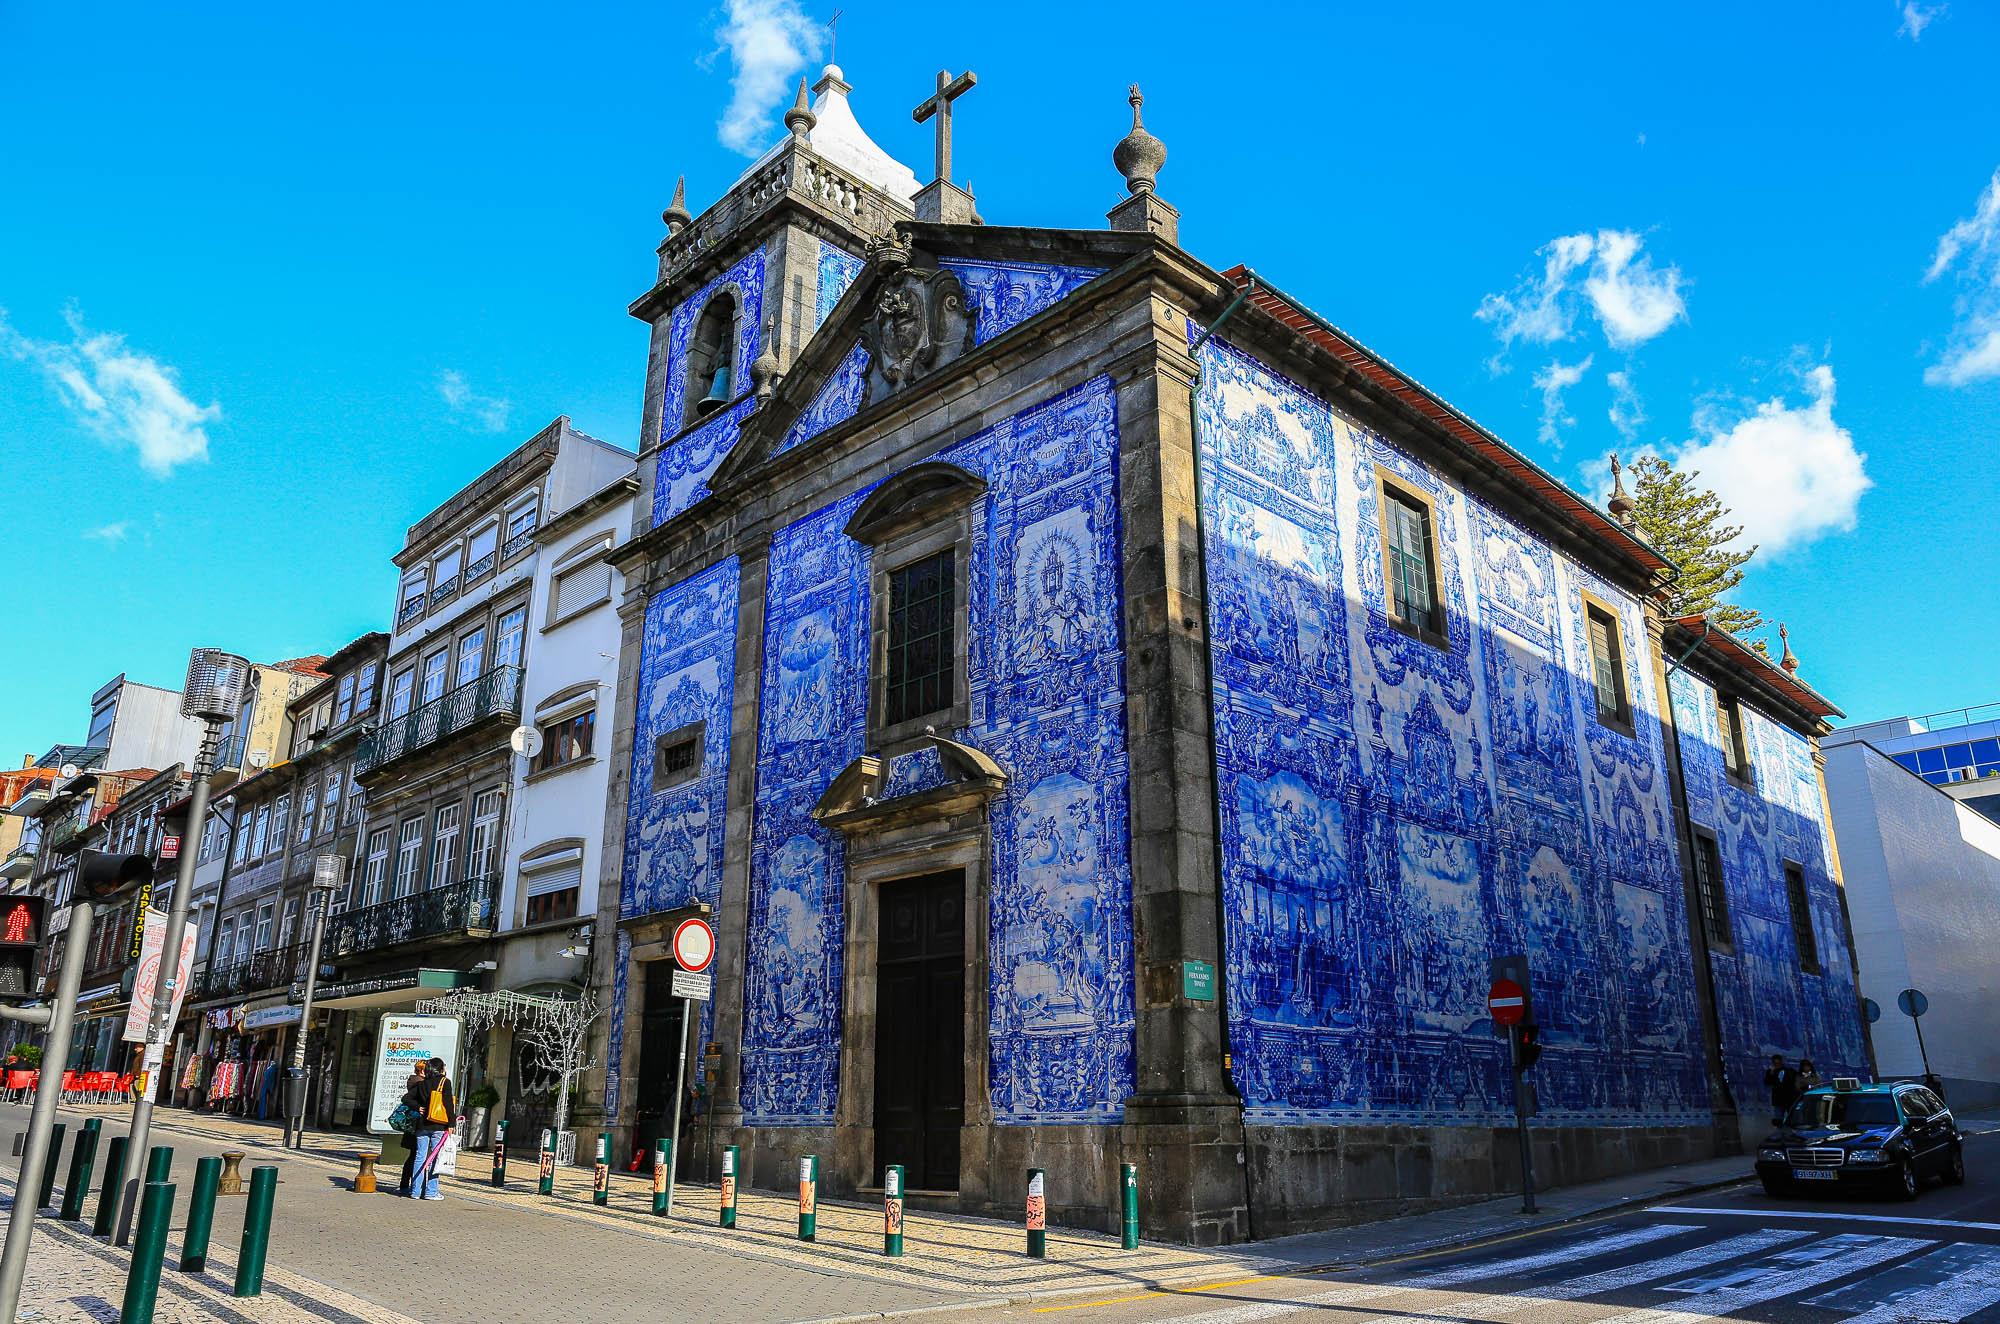 PORTUGAL-2012-jusmedic-#1067